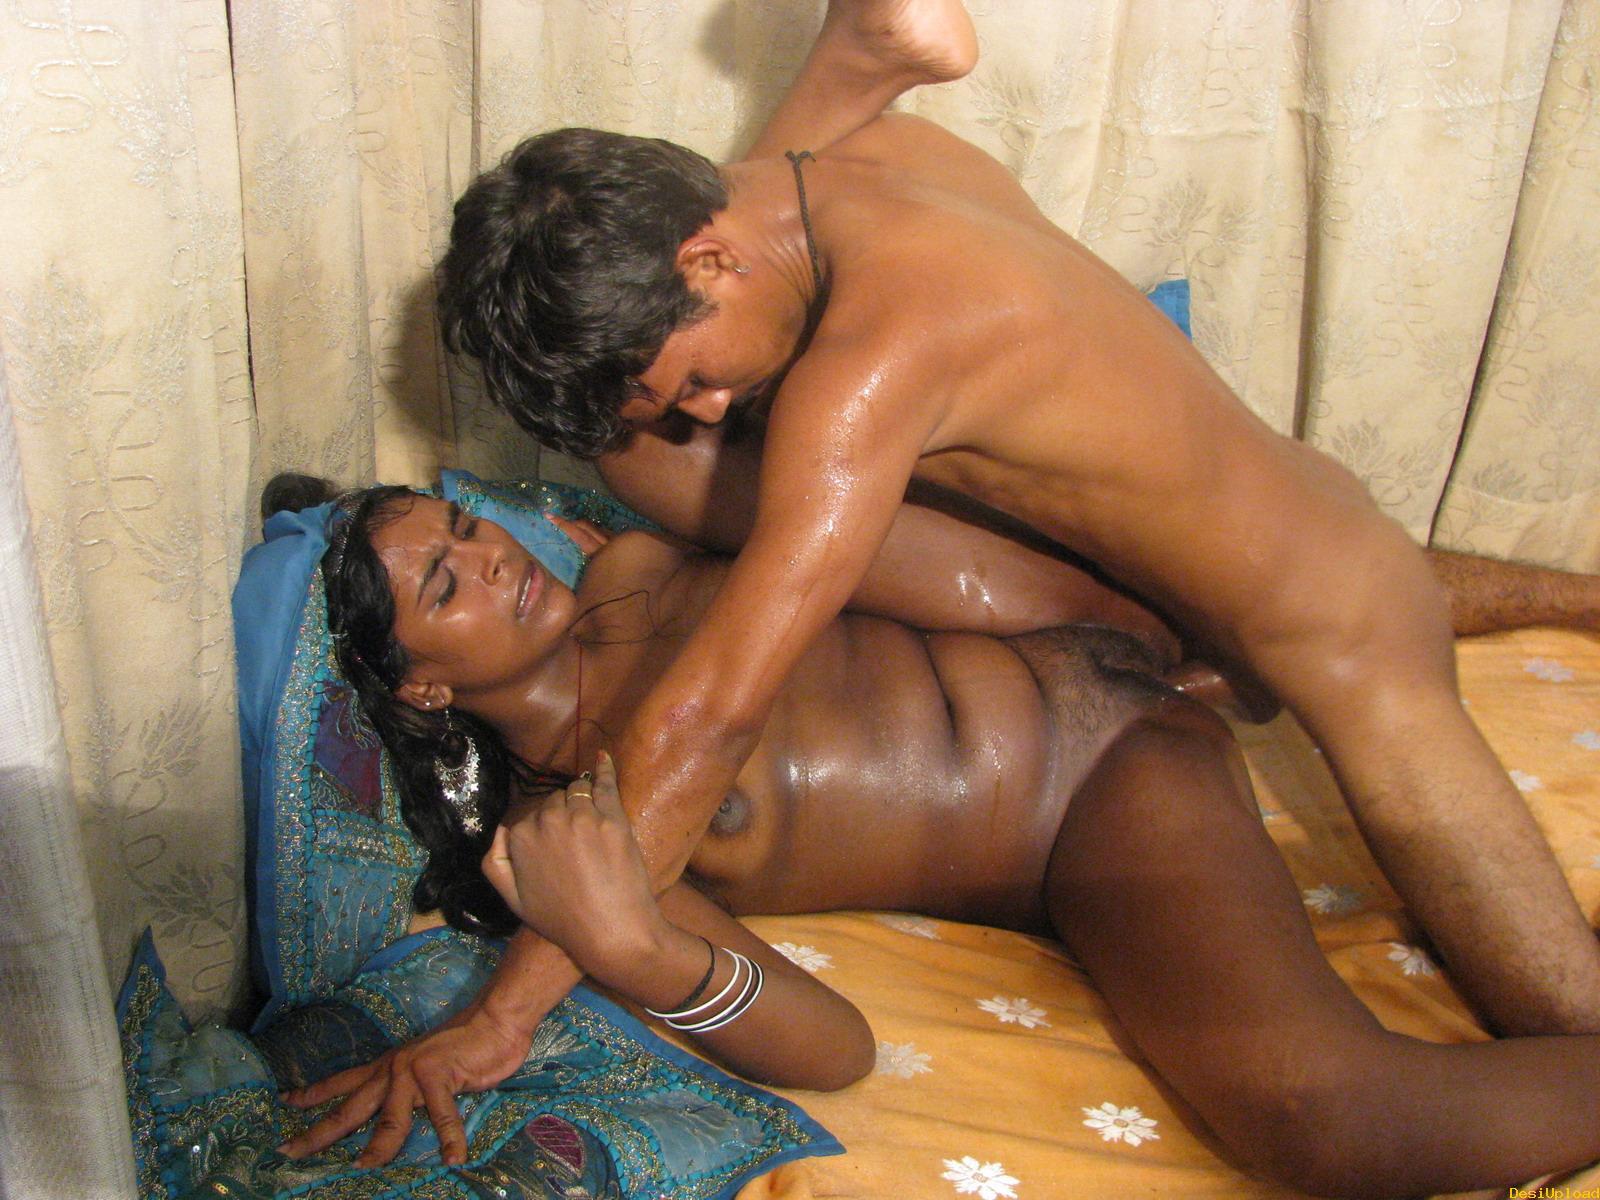 Фото порно с индианками, Секс фото индианок -галерей. Смотреть порно фото 4 фотография